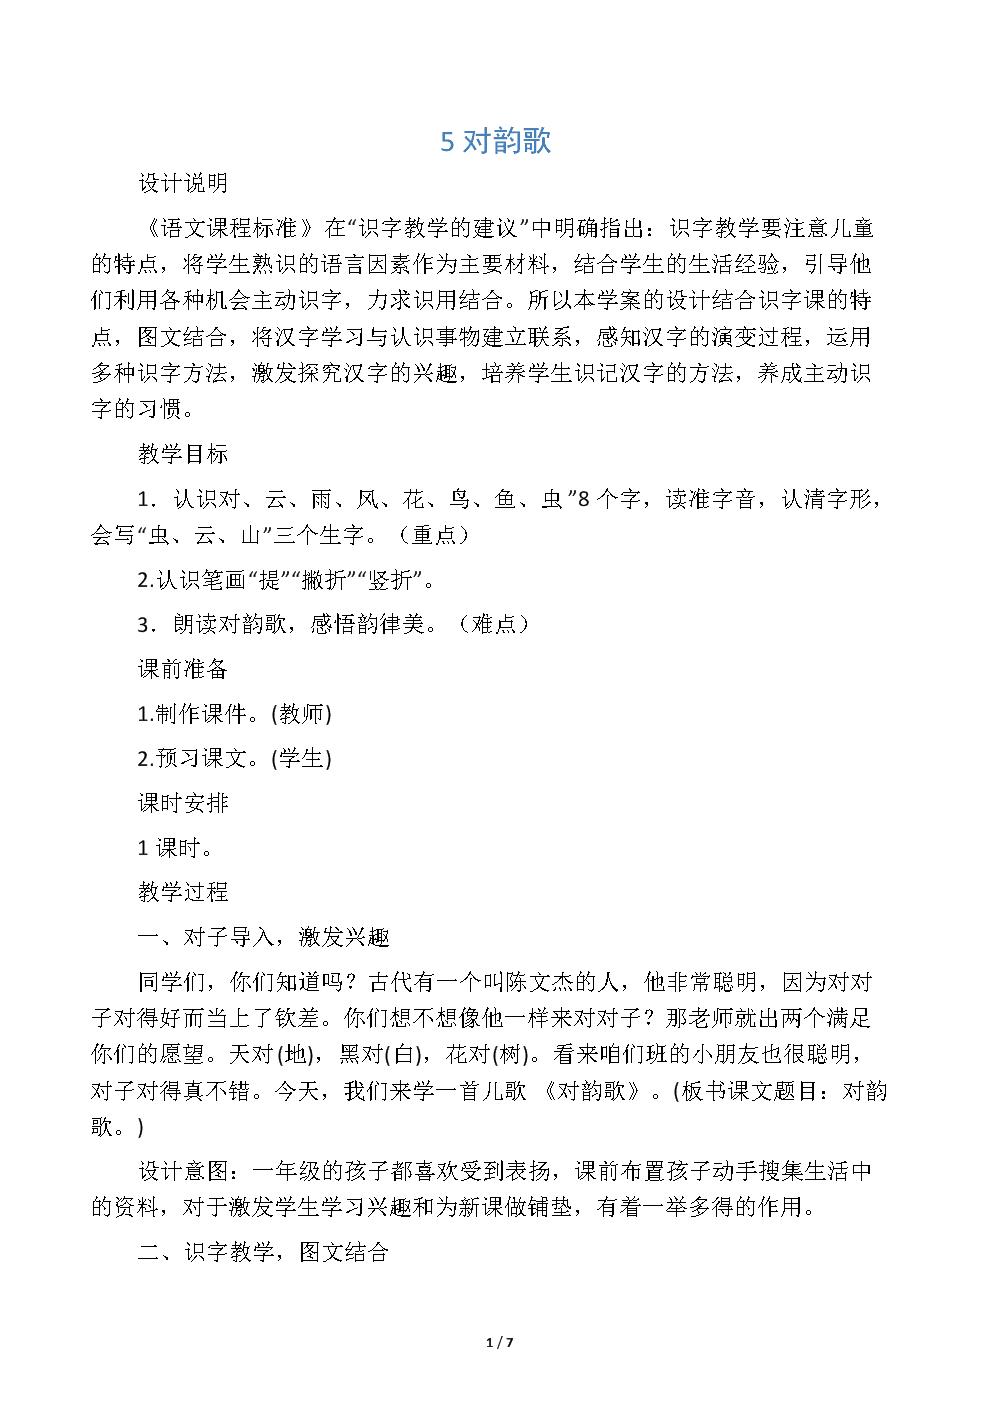 2020部编一年上册全套教案:对韵歌(公开课一等奖教案).docx